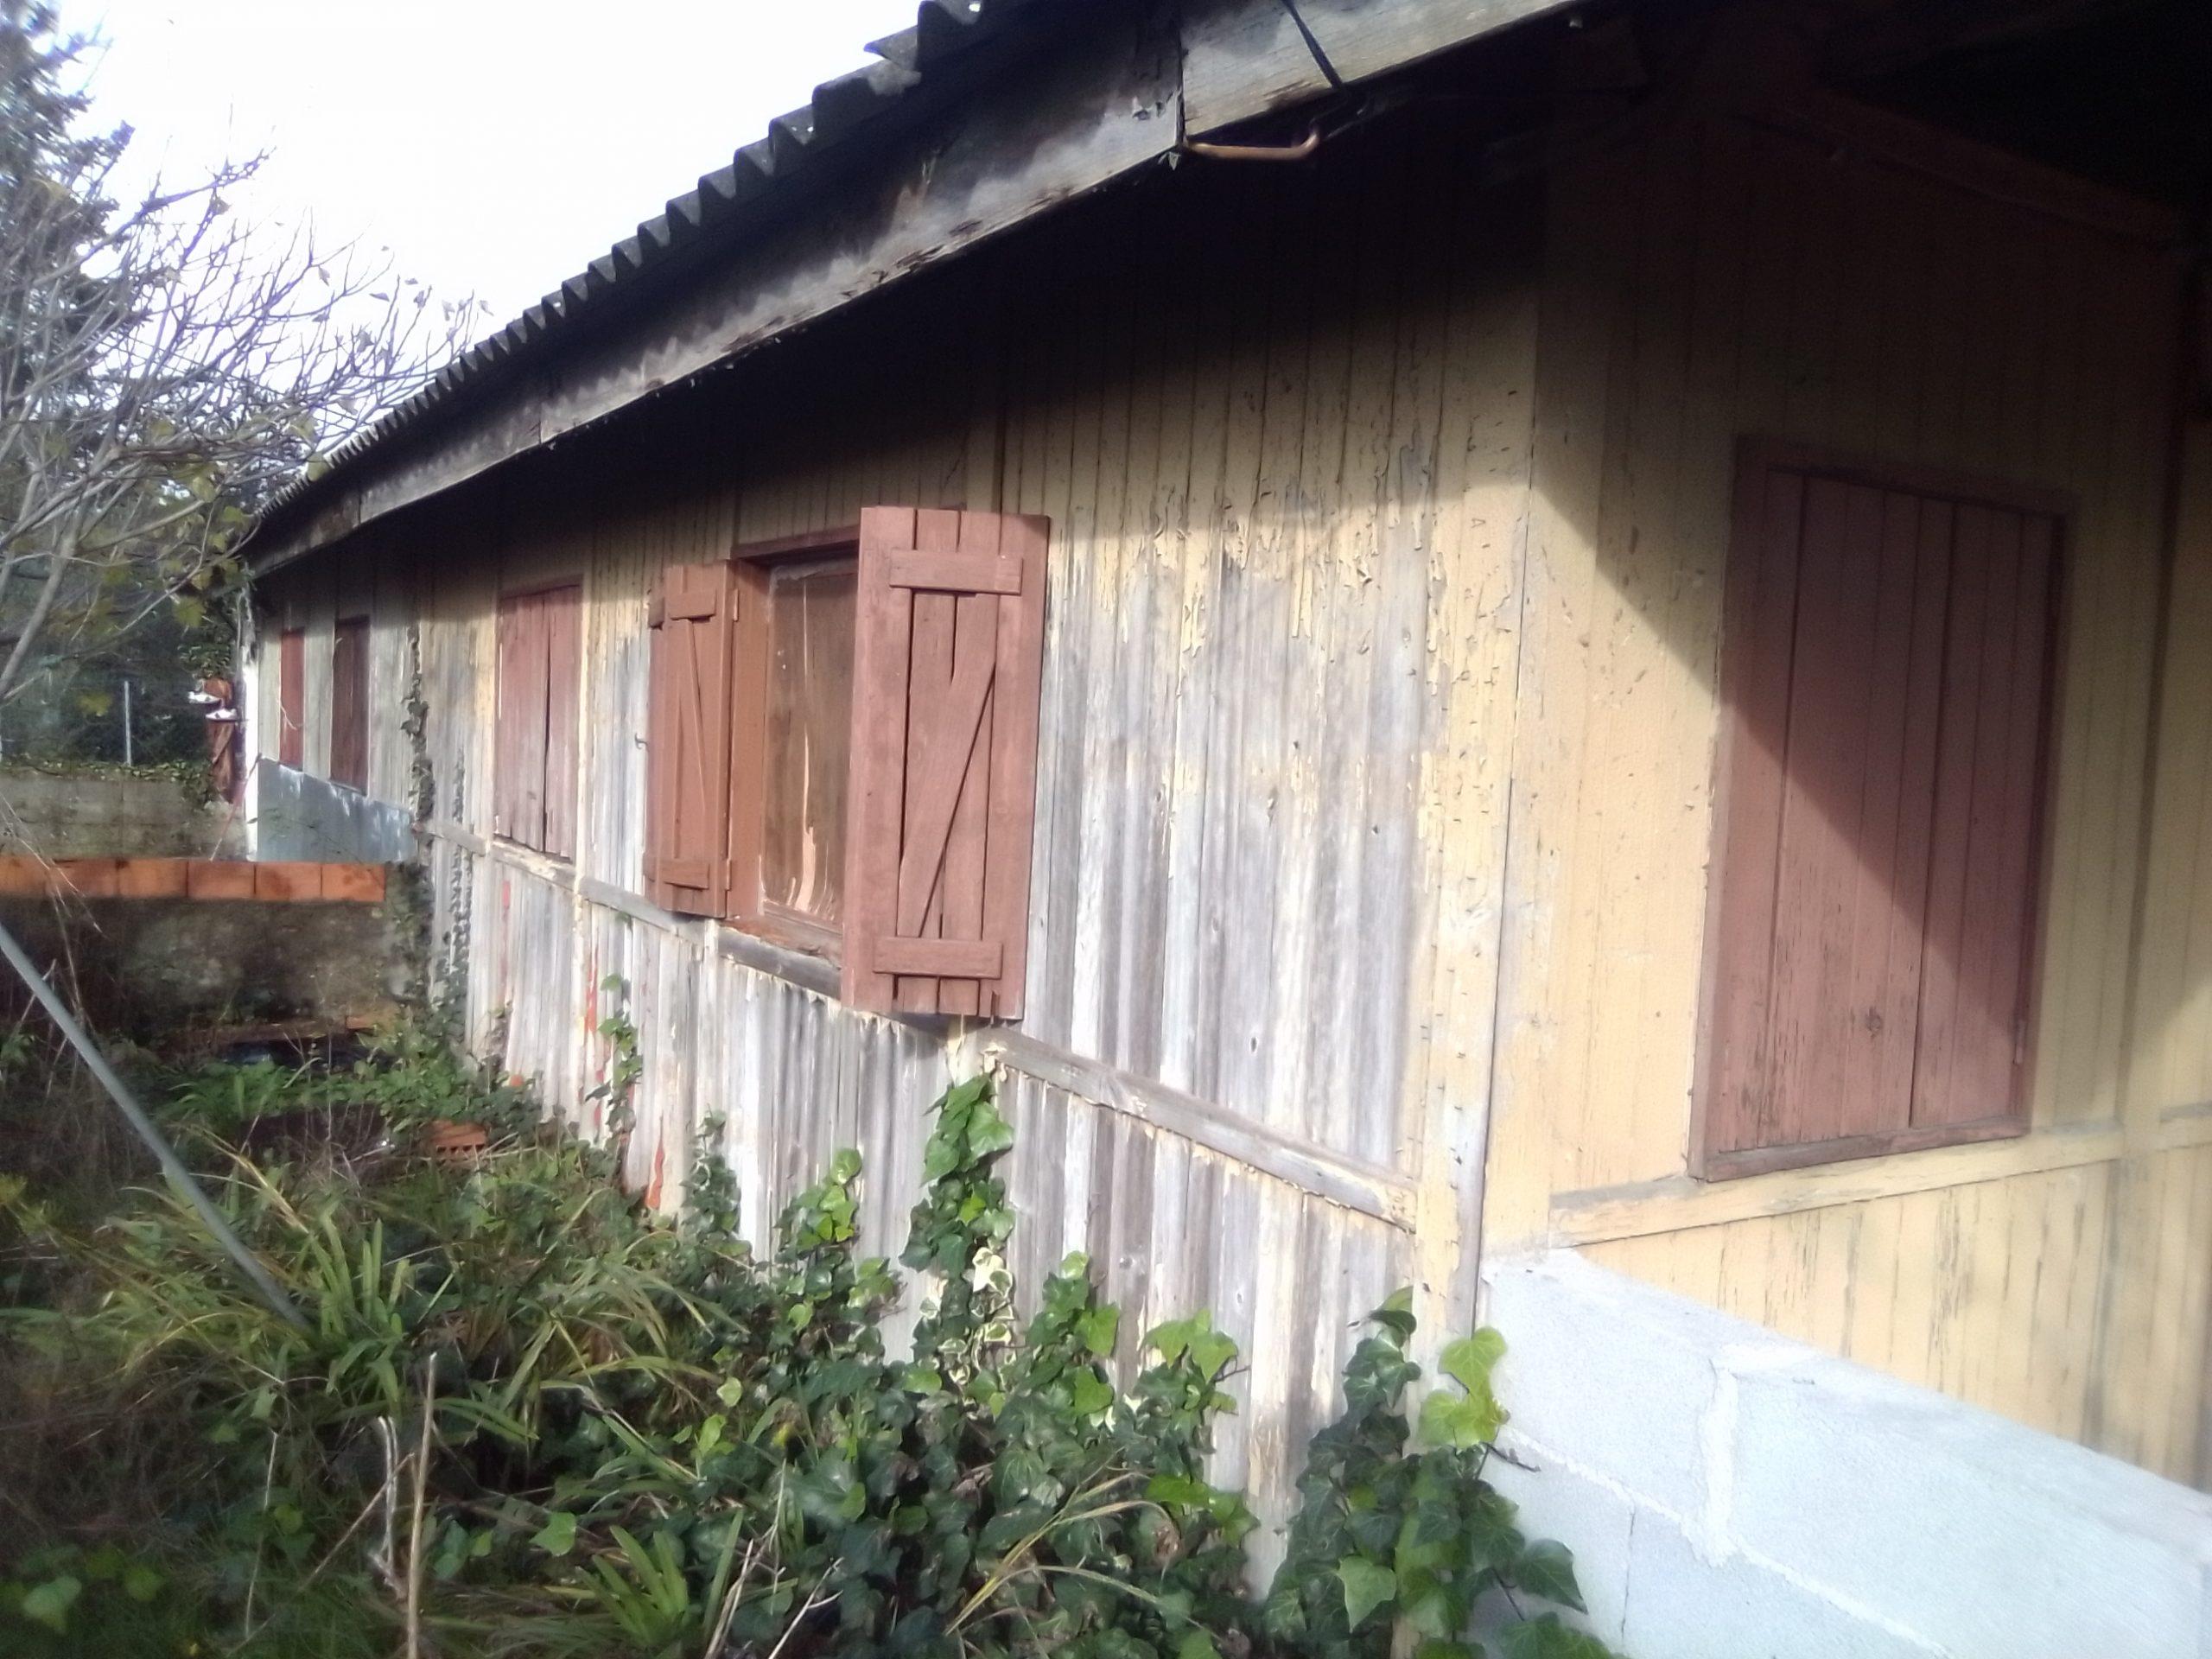 O direito à habitação não se limita à existência de um telhado!